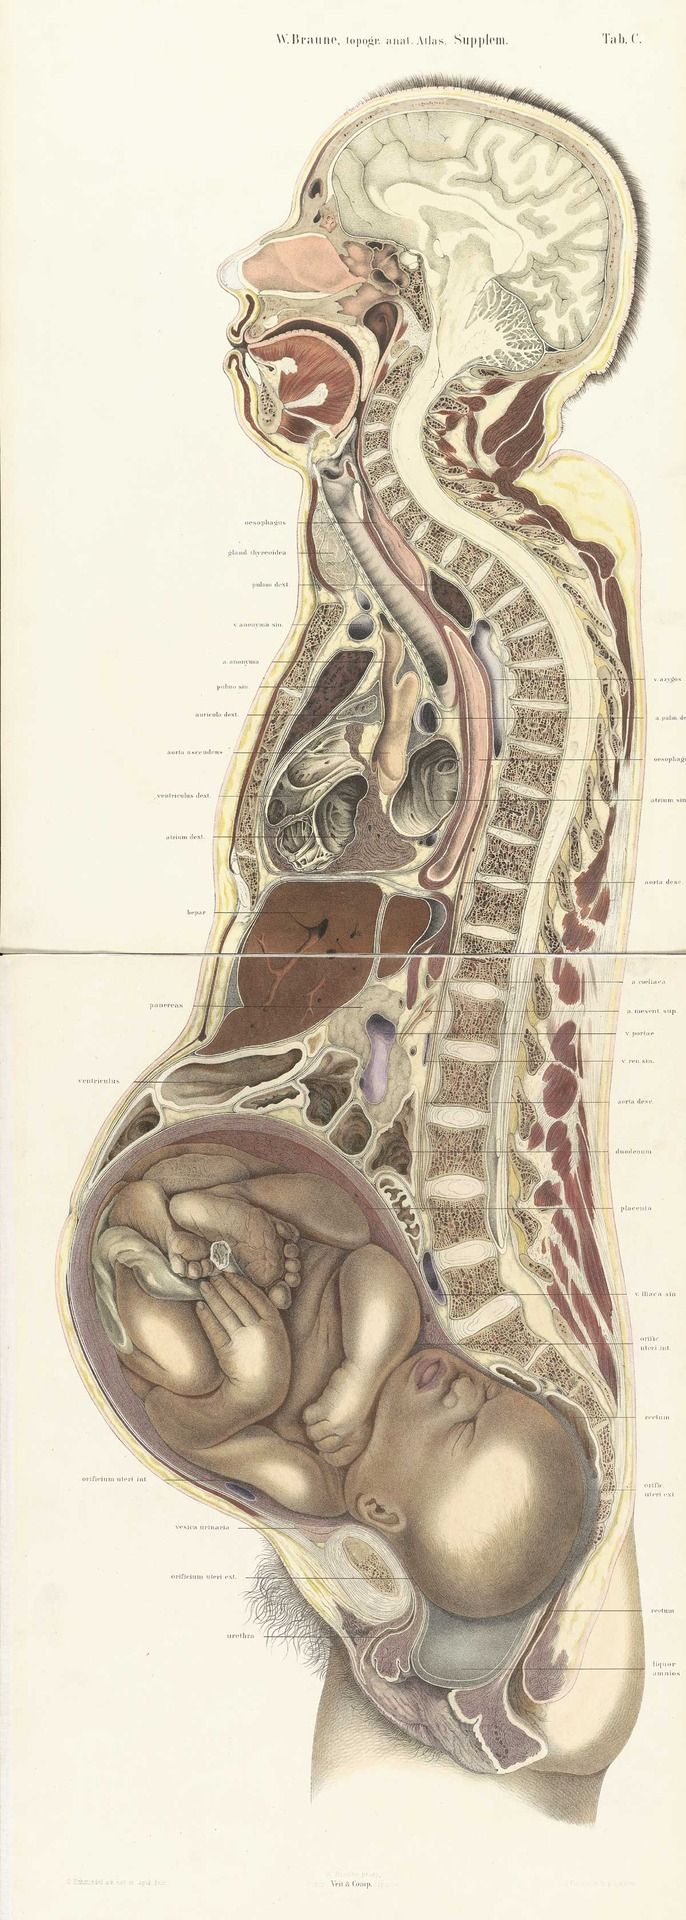 Die Lage des Uterus und Foetus am ende der Schwangerschaft. Nach durchschnitten an gefrornen Cadavern - Atlas Suppl. - Wihelm Braune, 1872 #anatomy #pregnancy #medicaldiagram